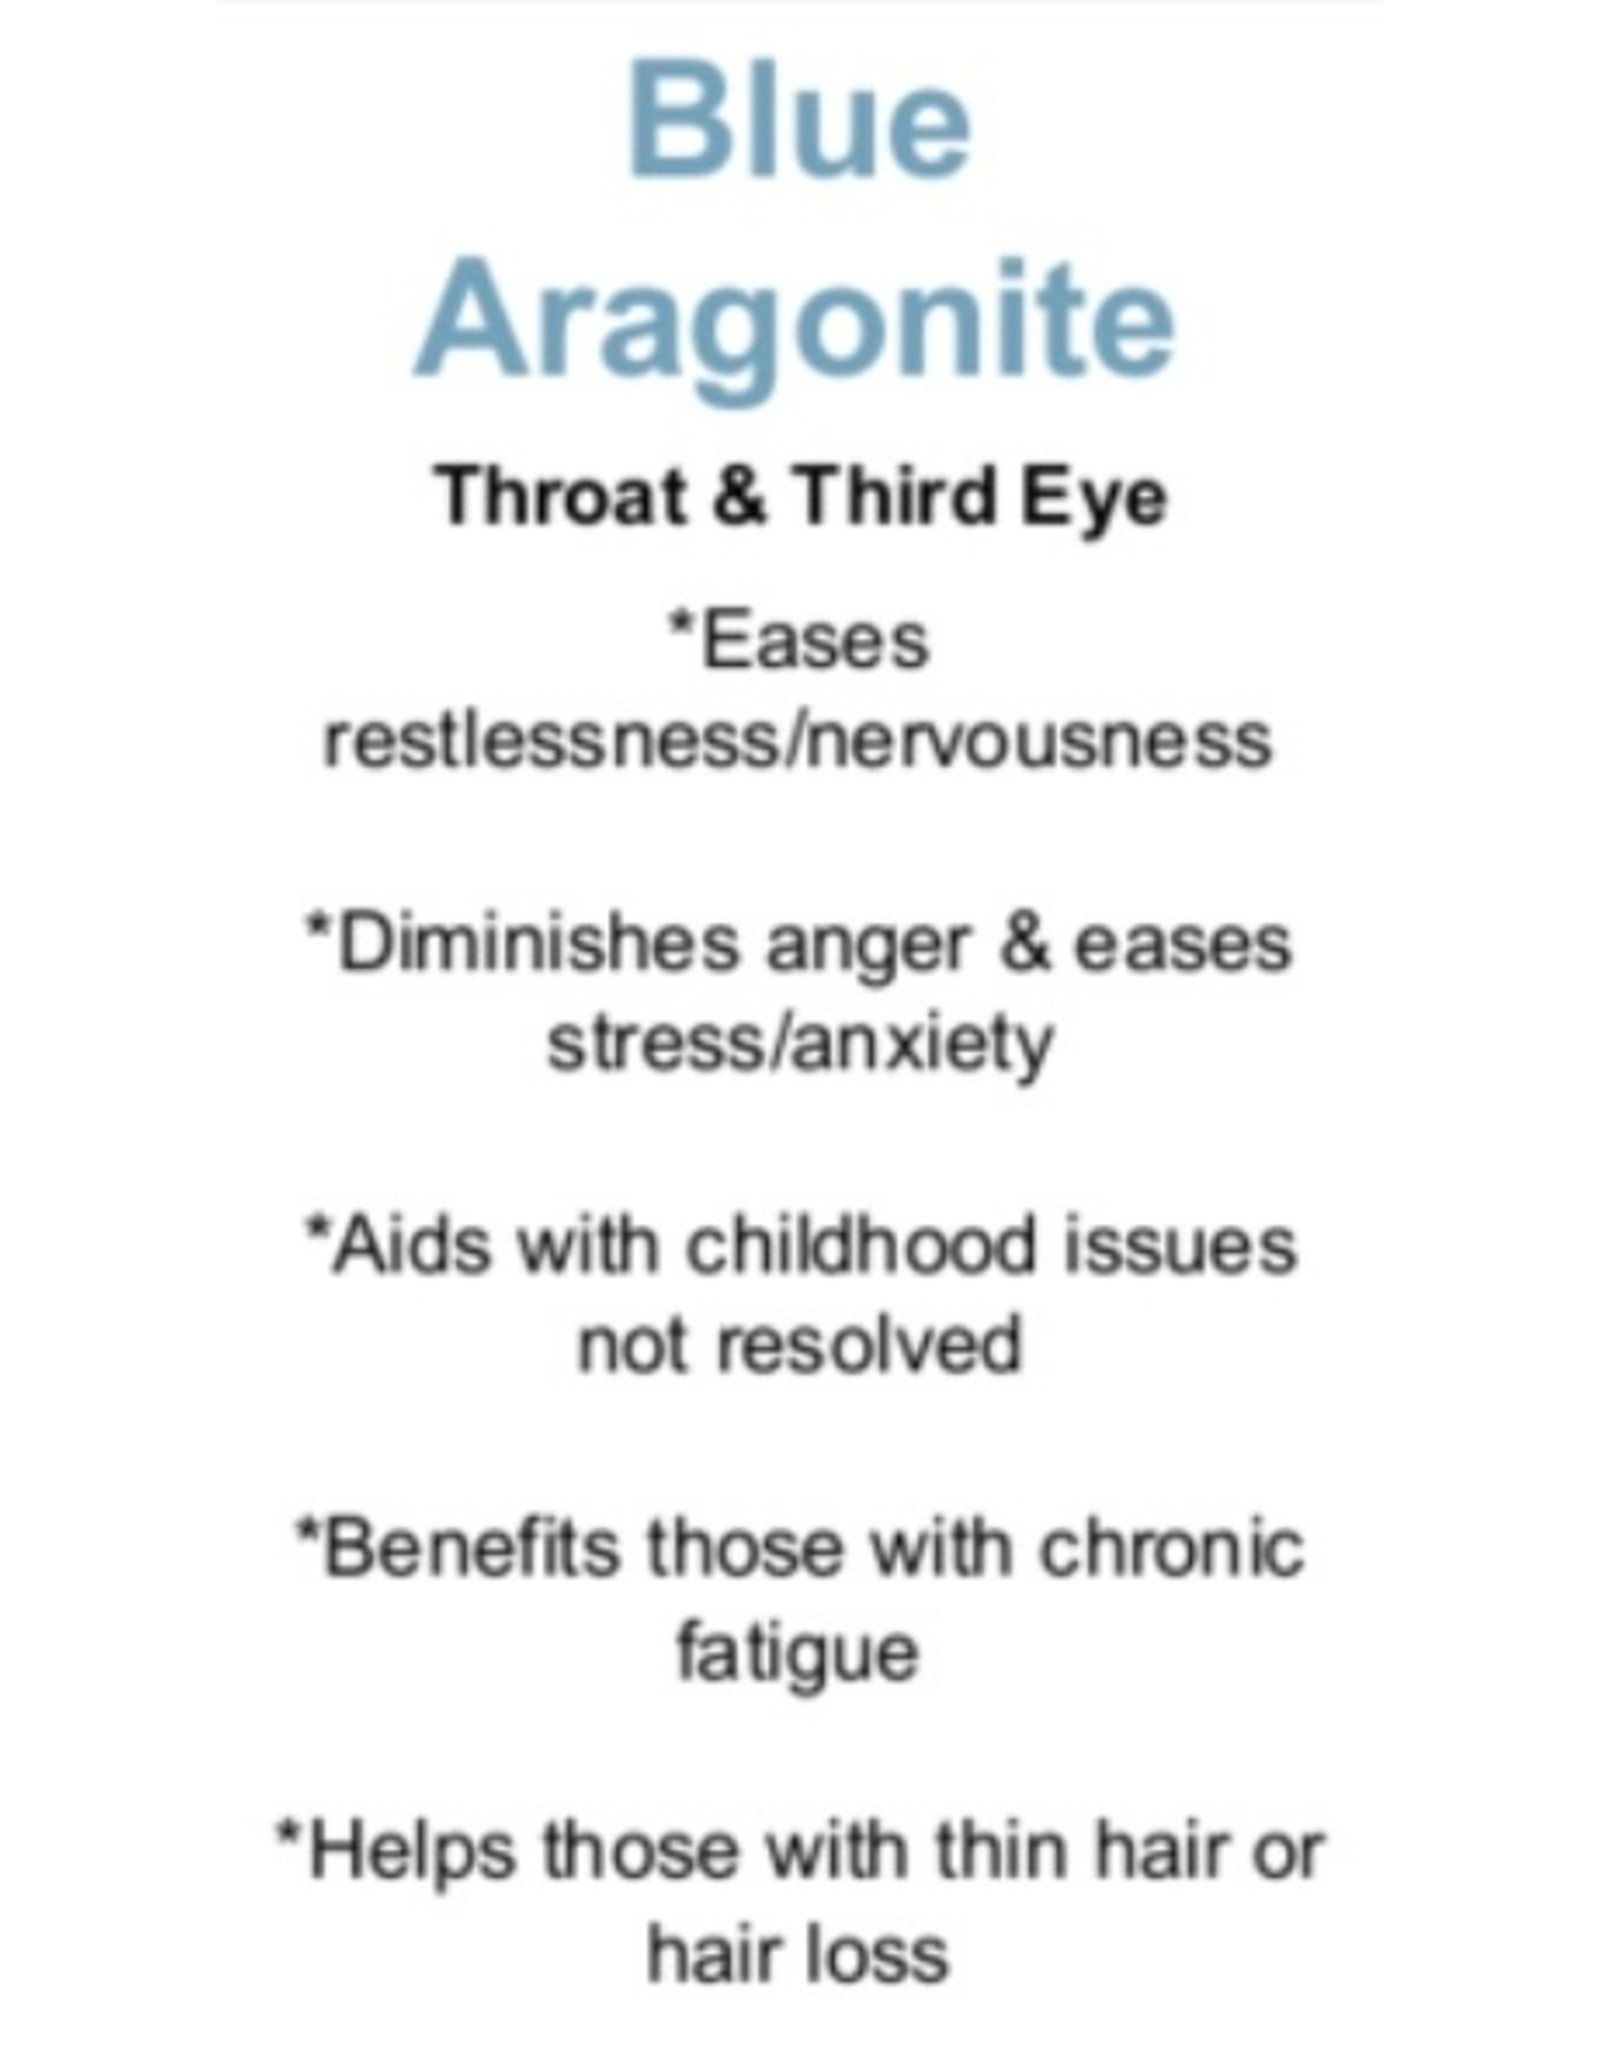 Blue Aragonite - Card